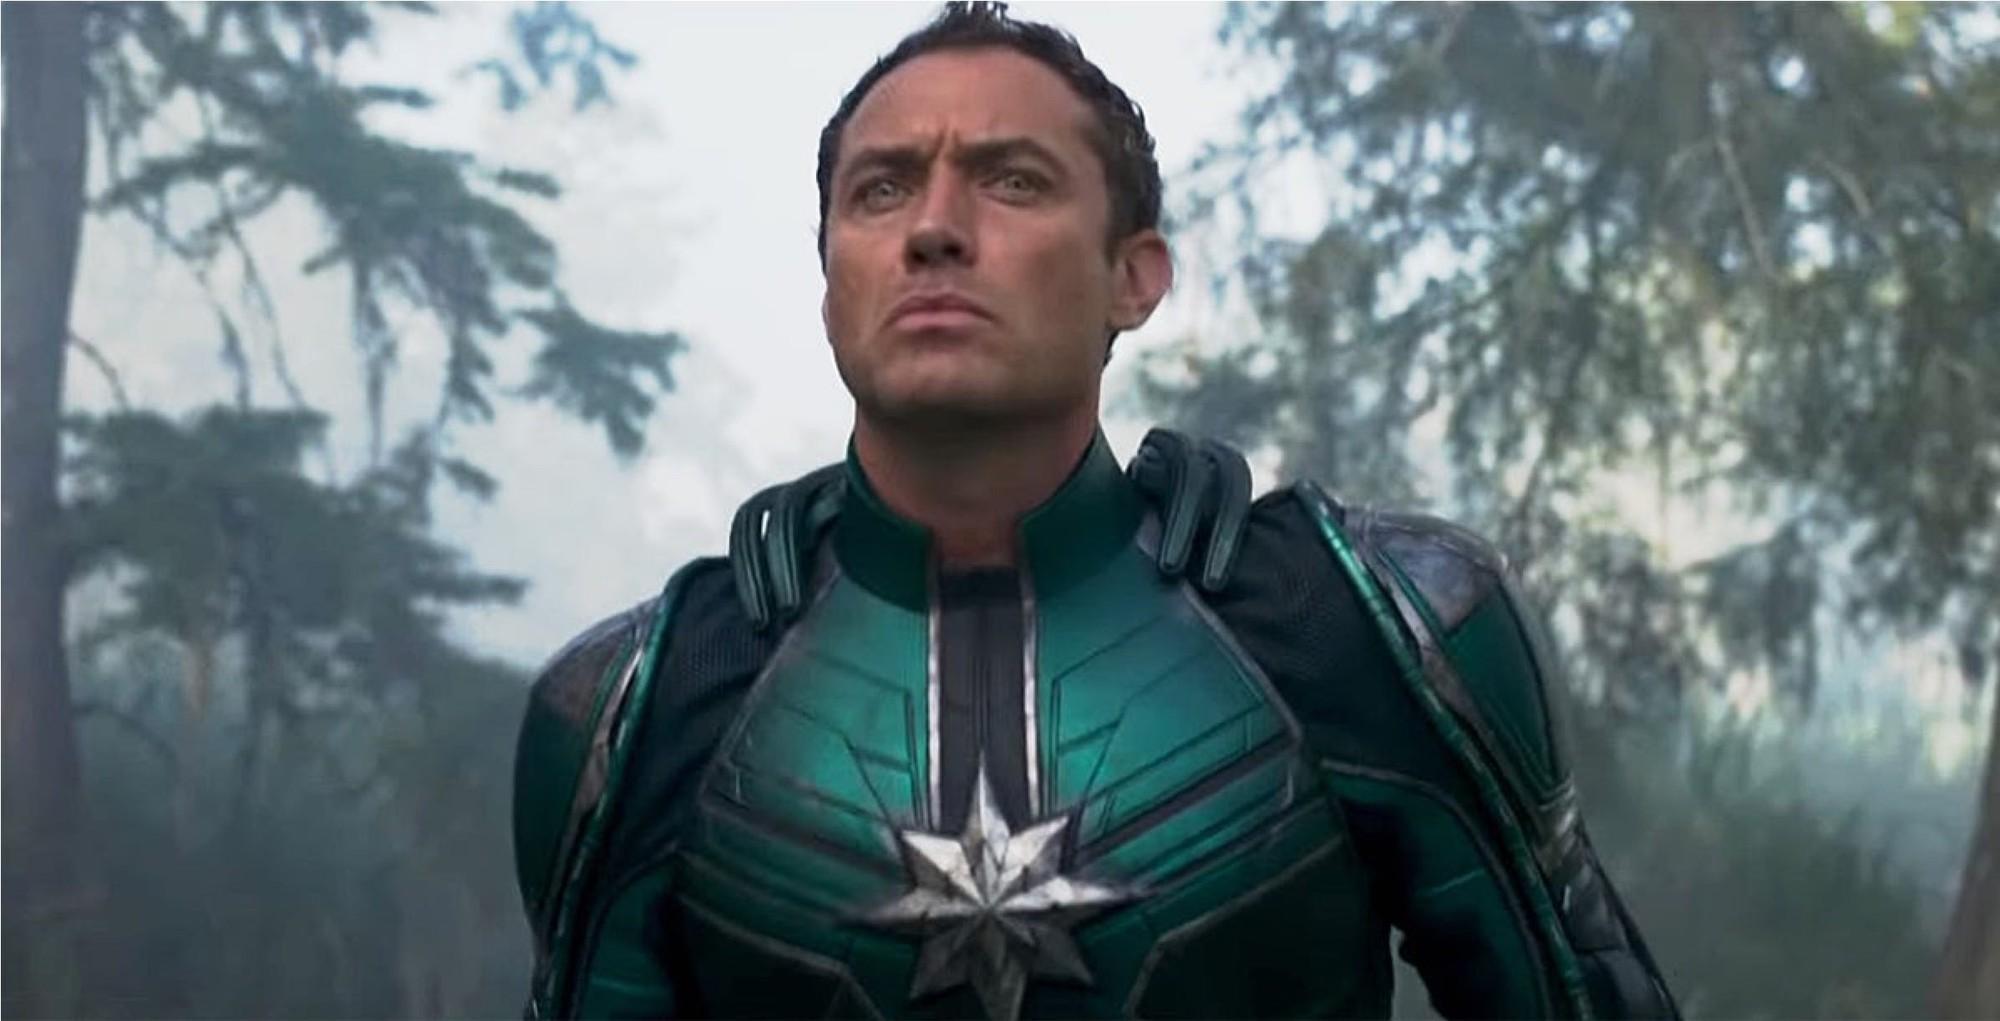 Captain Marvel có trả lời được 6 câu hỏi cấp thiết của người hâm mộ? - Ảnh 4.